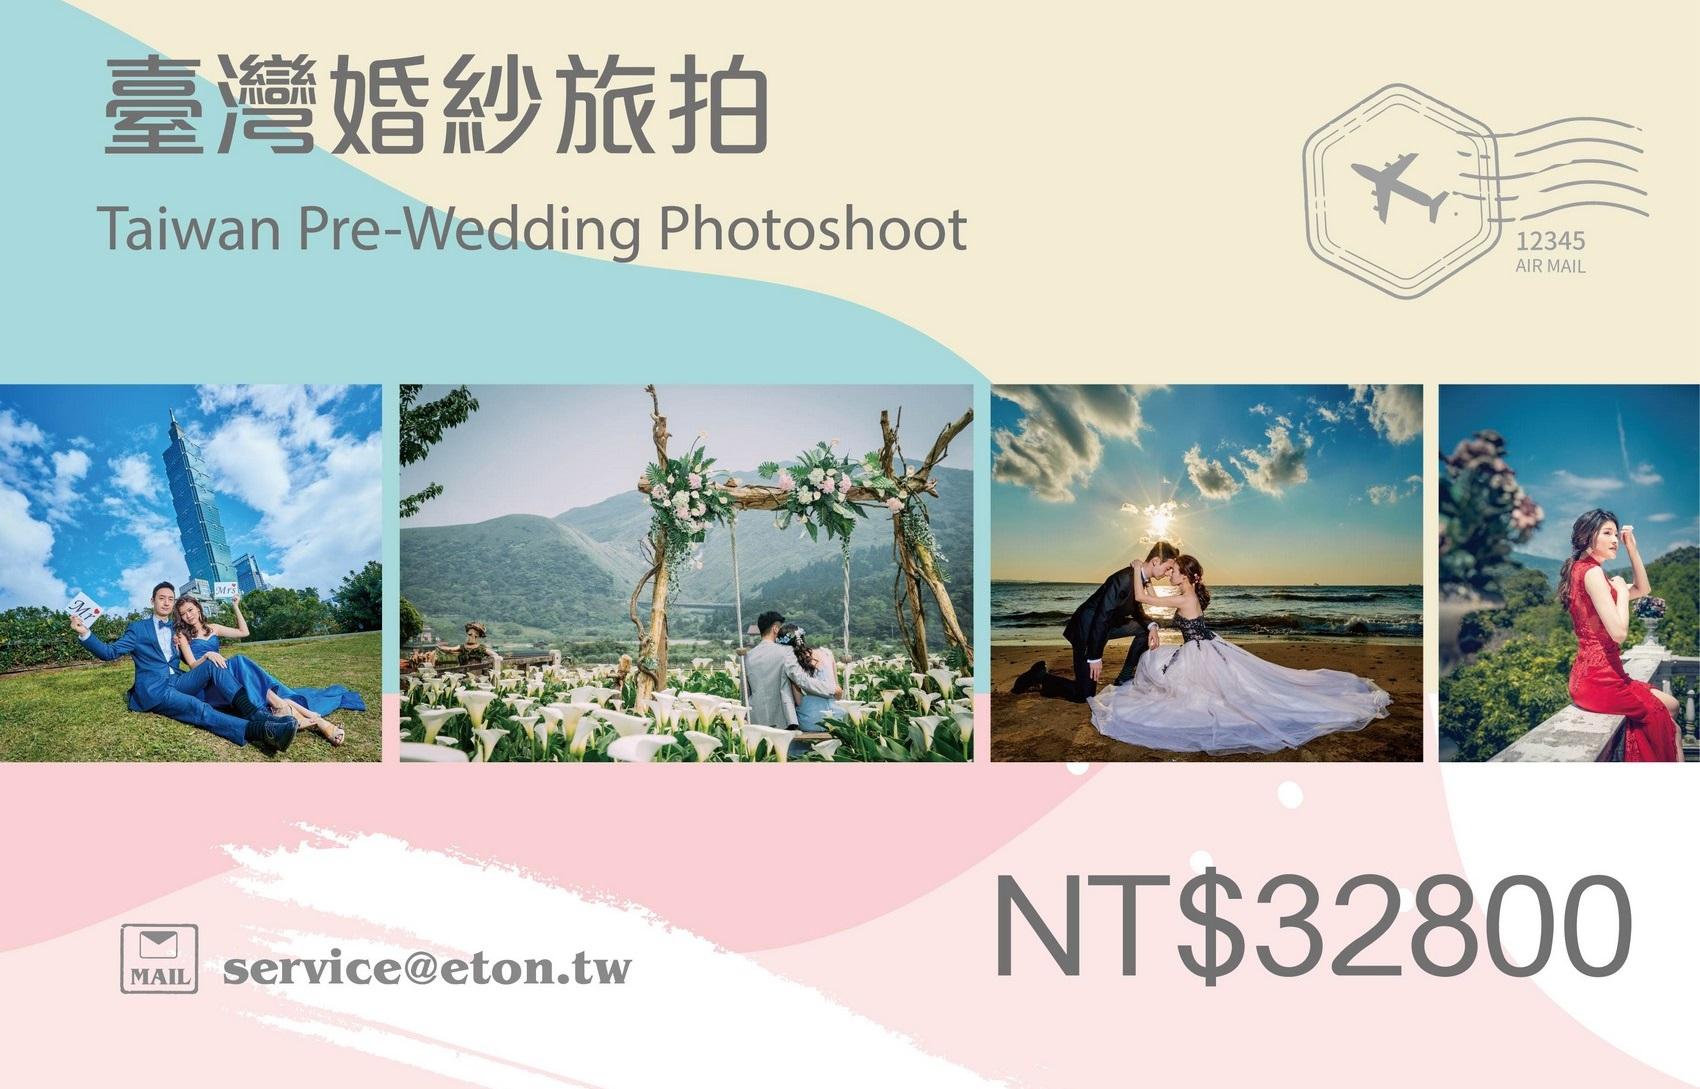 婚紗工作室,婚紗店,攝影工作室,婚紗攝影工作室,自助婚紗工作室,婚紗攝影,自助婚紗